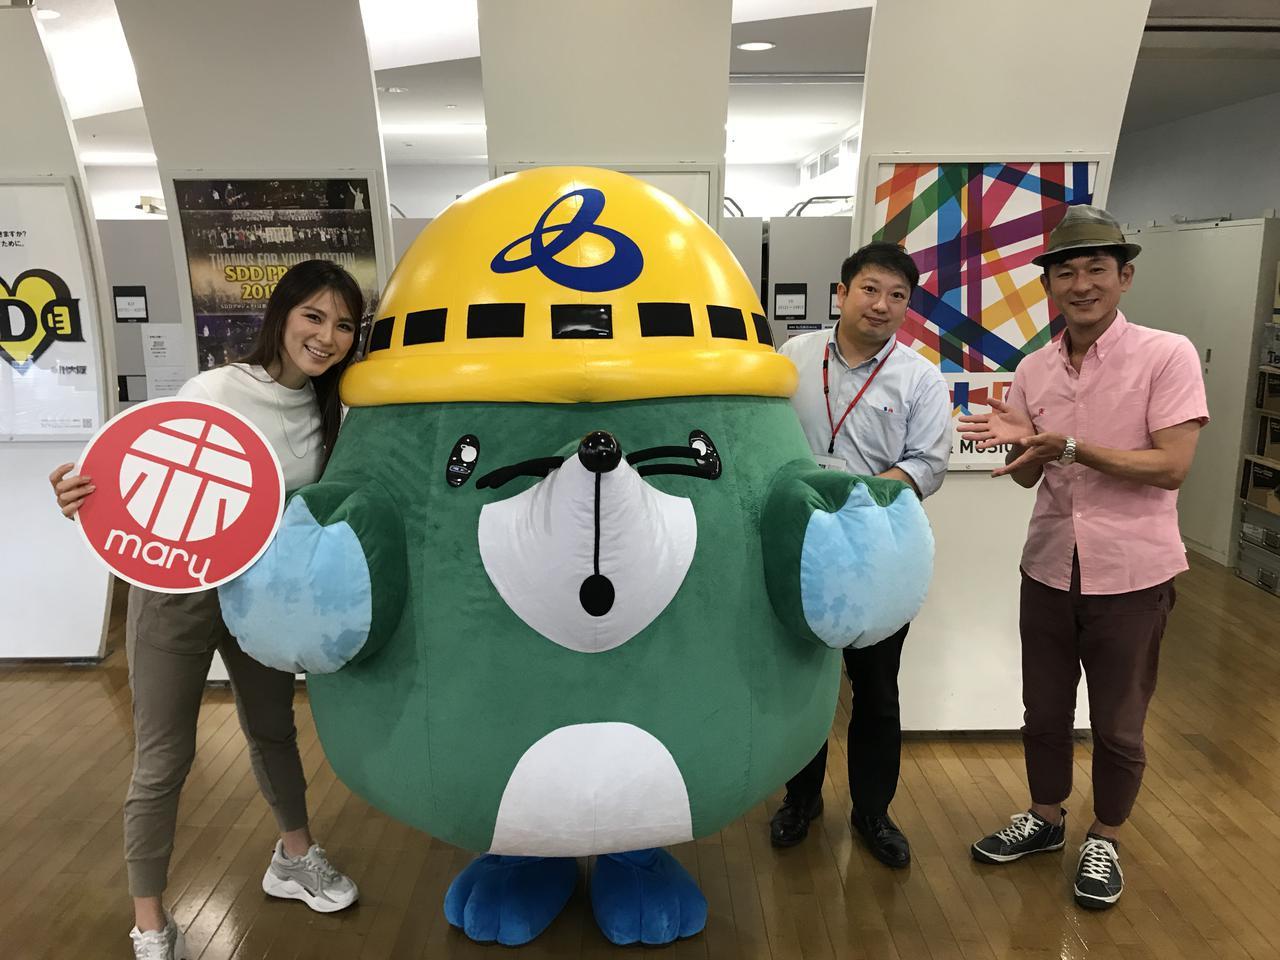 画像: 7月1日水曜日 阪神高速maruごとハイウェイ!